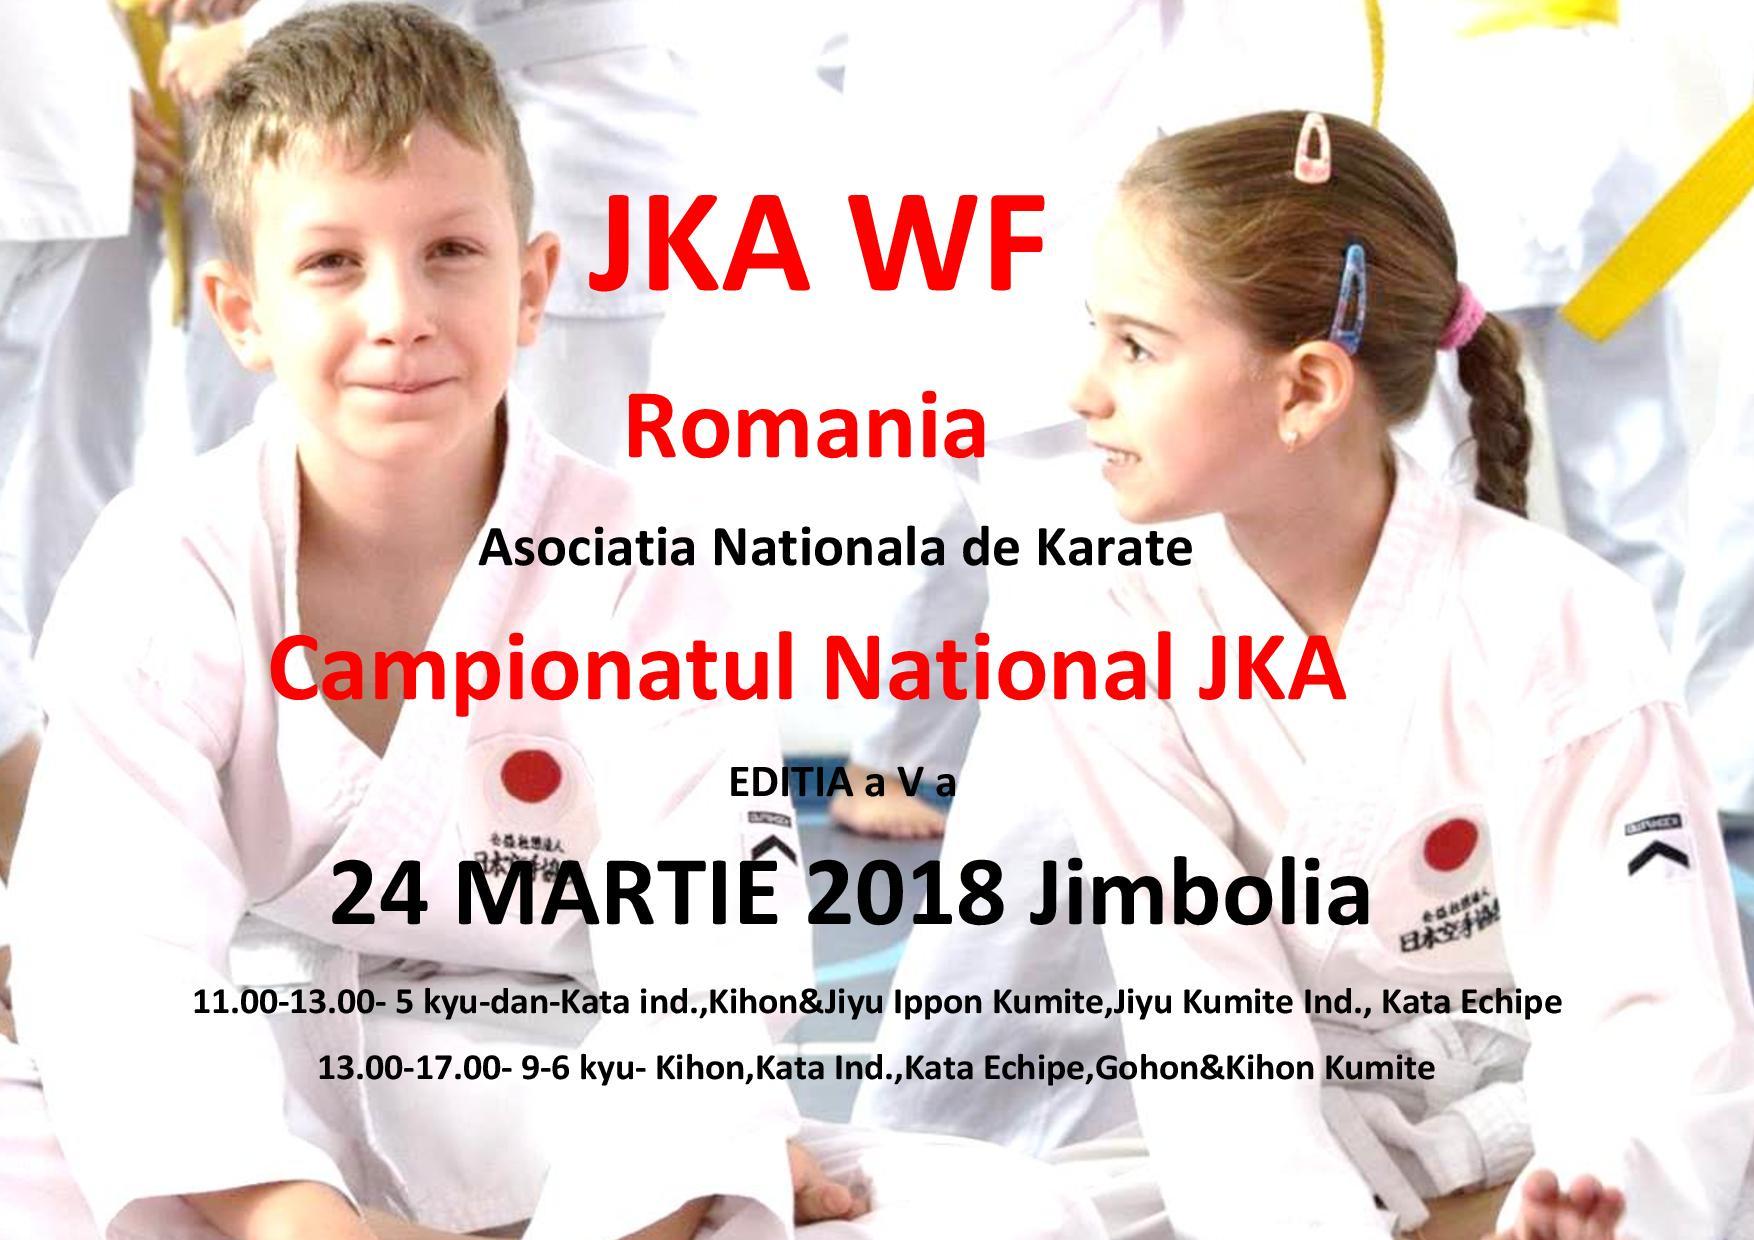 JKA WF Romania-Campionatul National 2018-Editia a V a